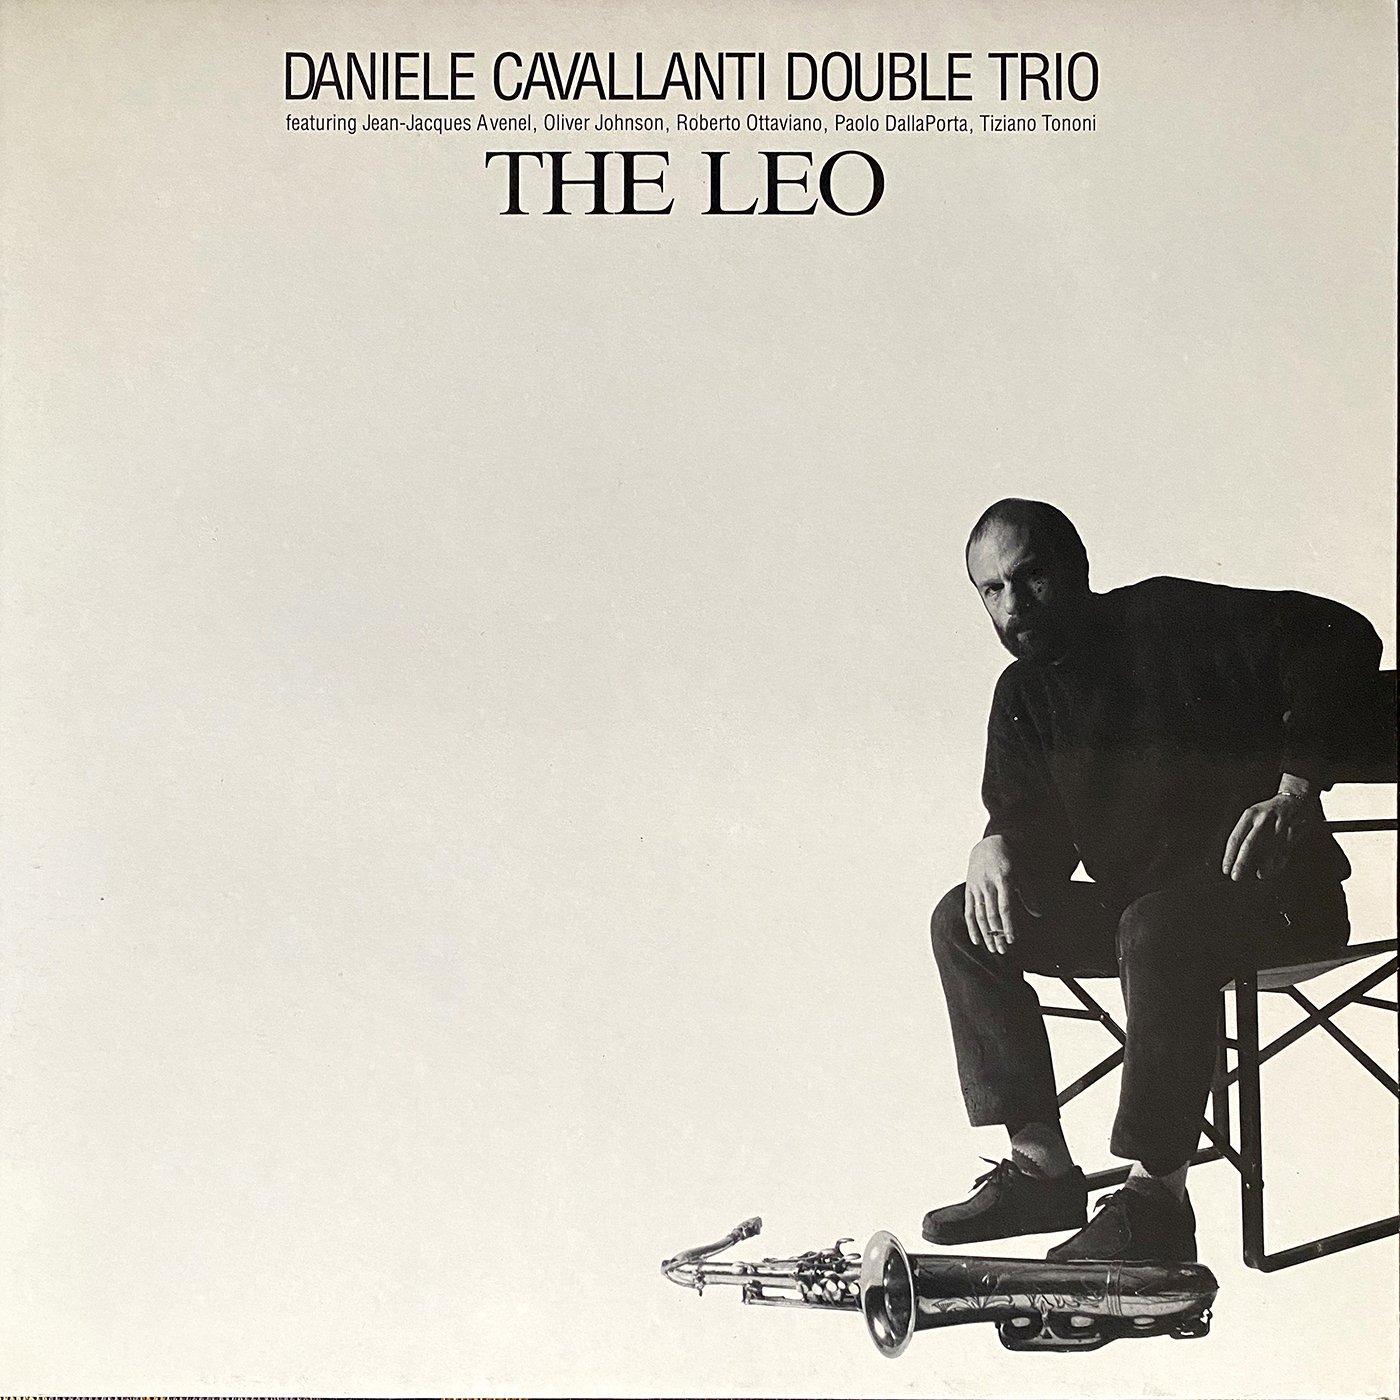 The Leo - Daniele Cavallanti Double Trio